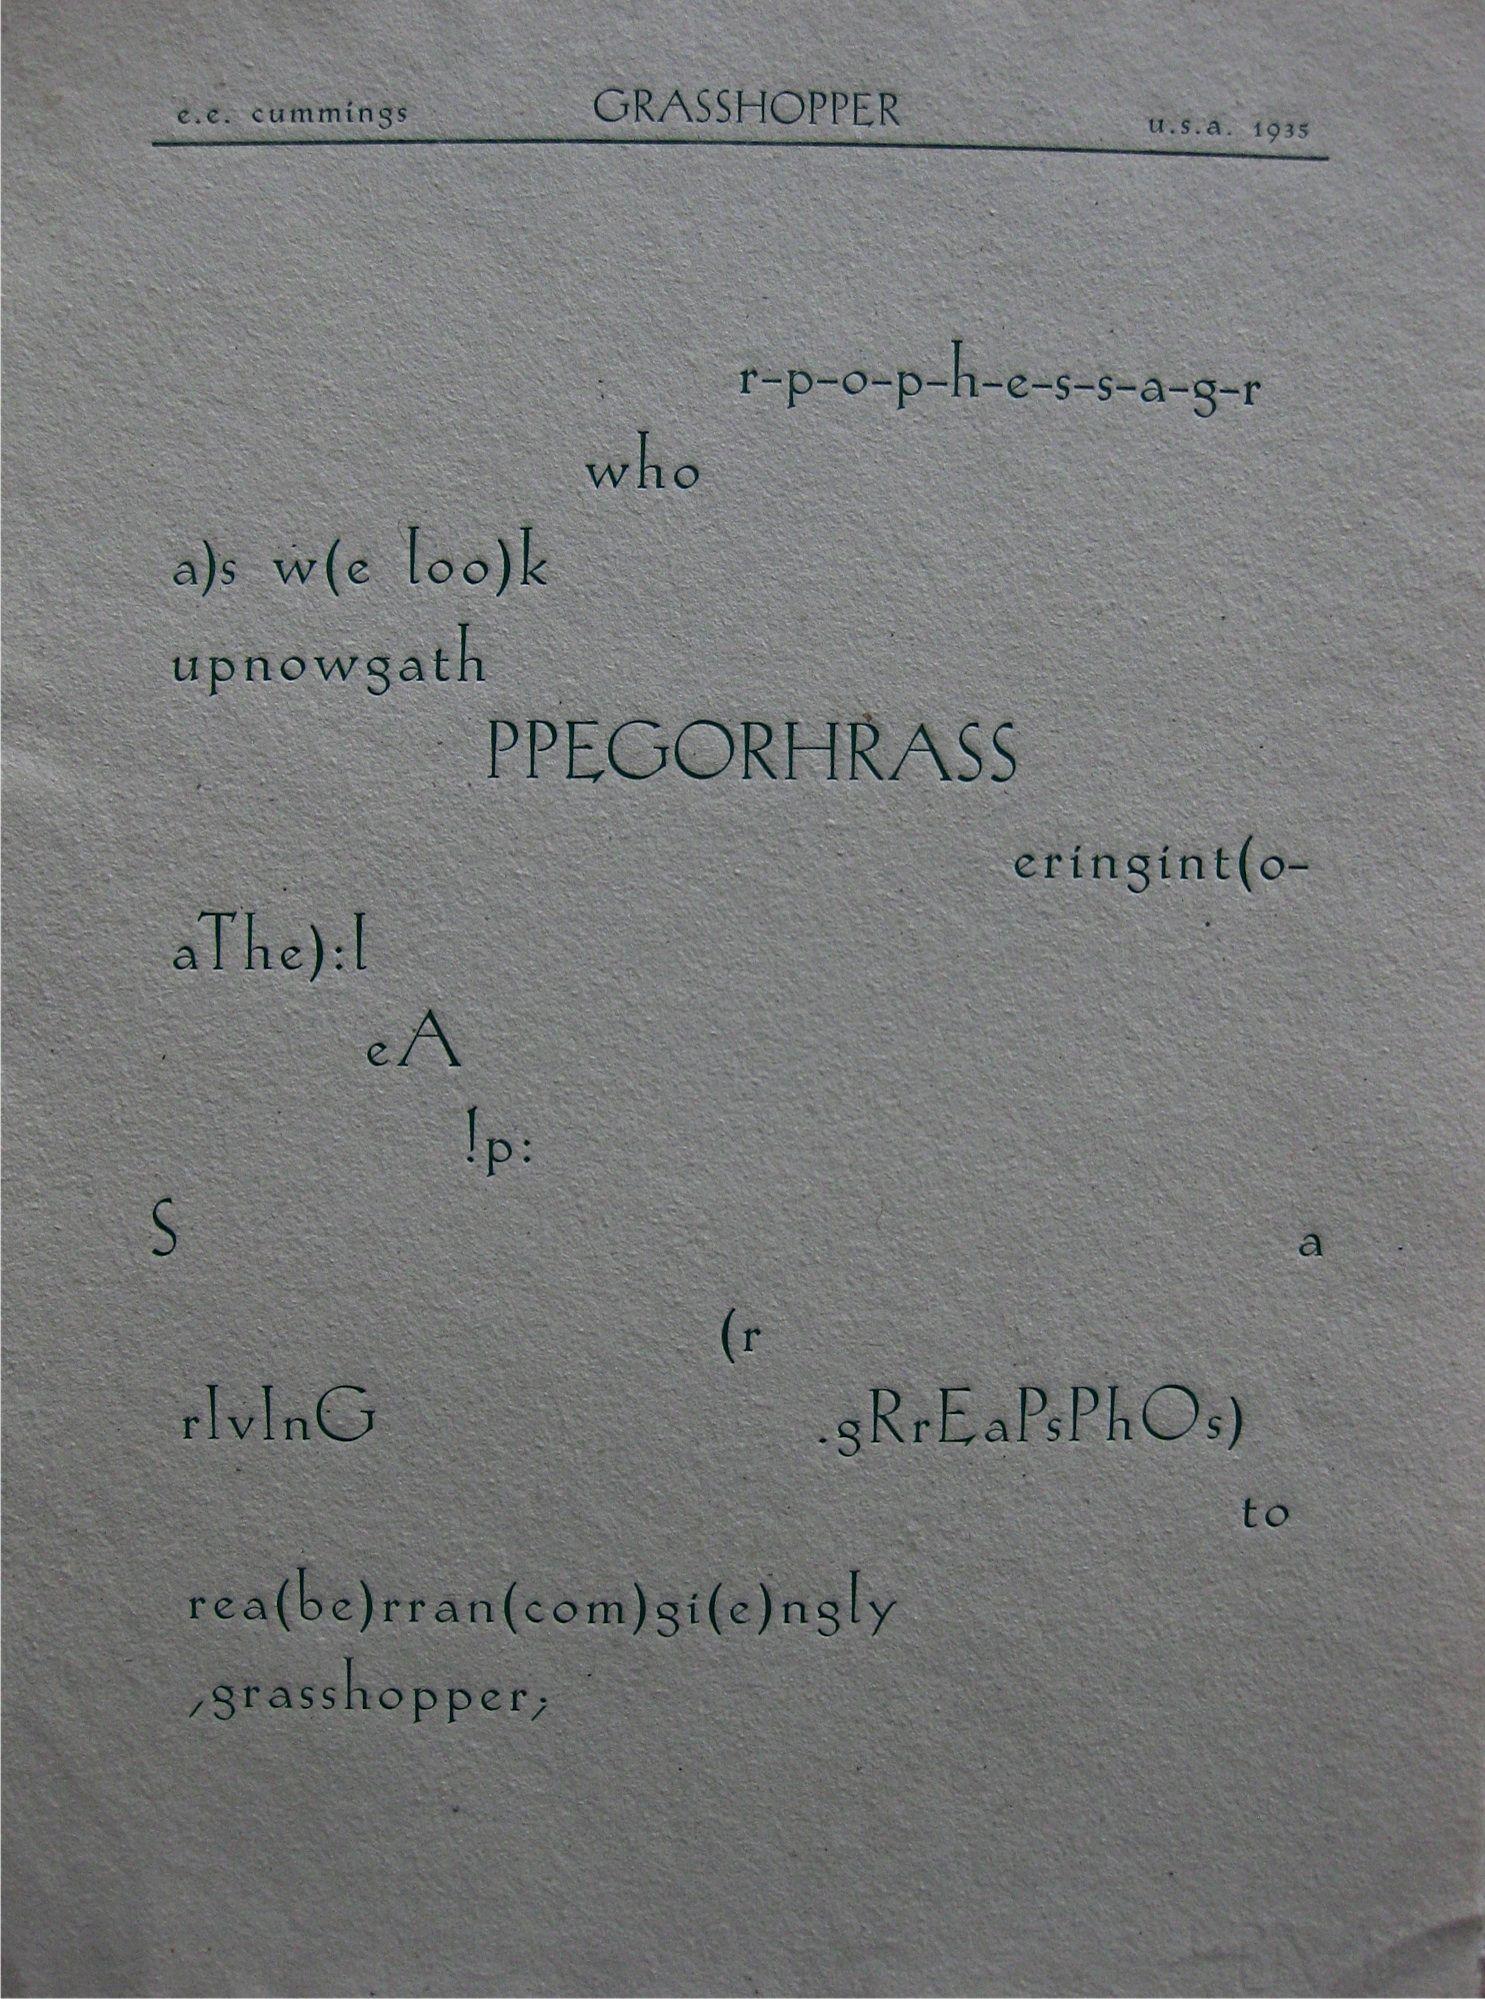 thomas stearns eliot original manuscript for wasteland e e cummings r p o p h e s s a g r